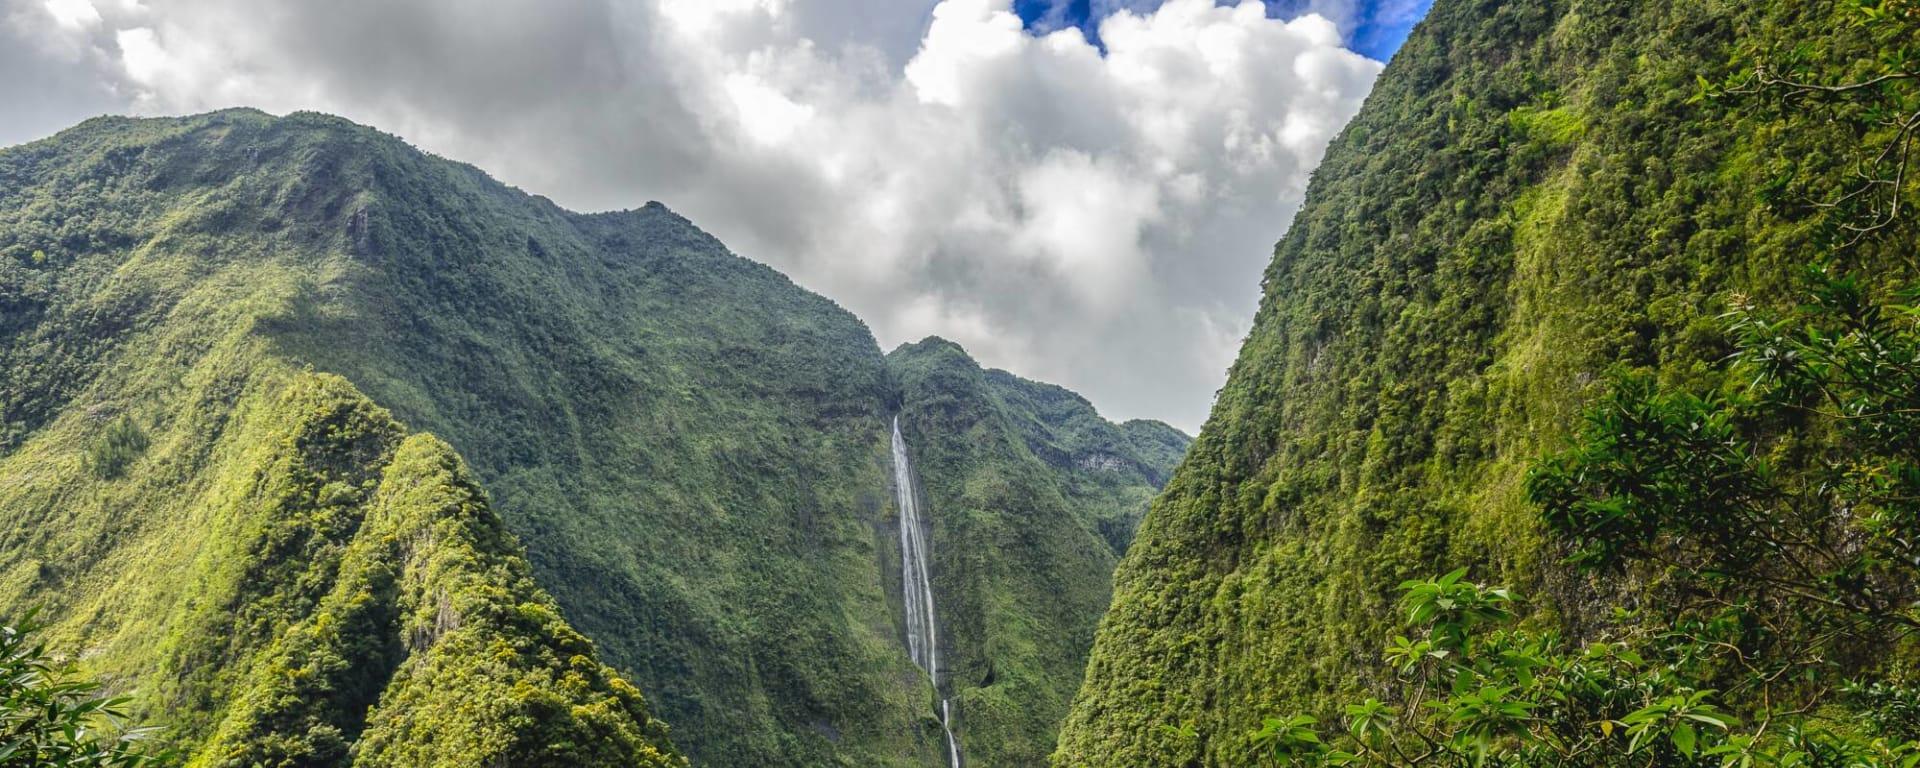 Réunion entdecken mit Tischler Reisen: Reunion Cirque Salazie Wasserfall